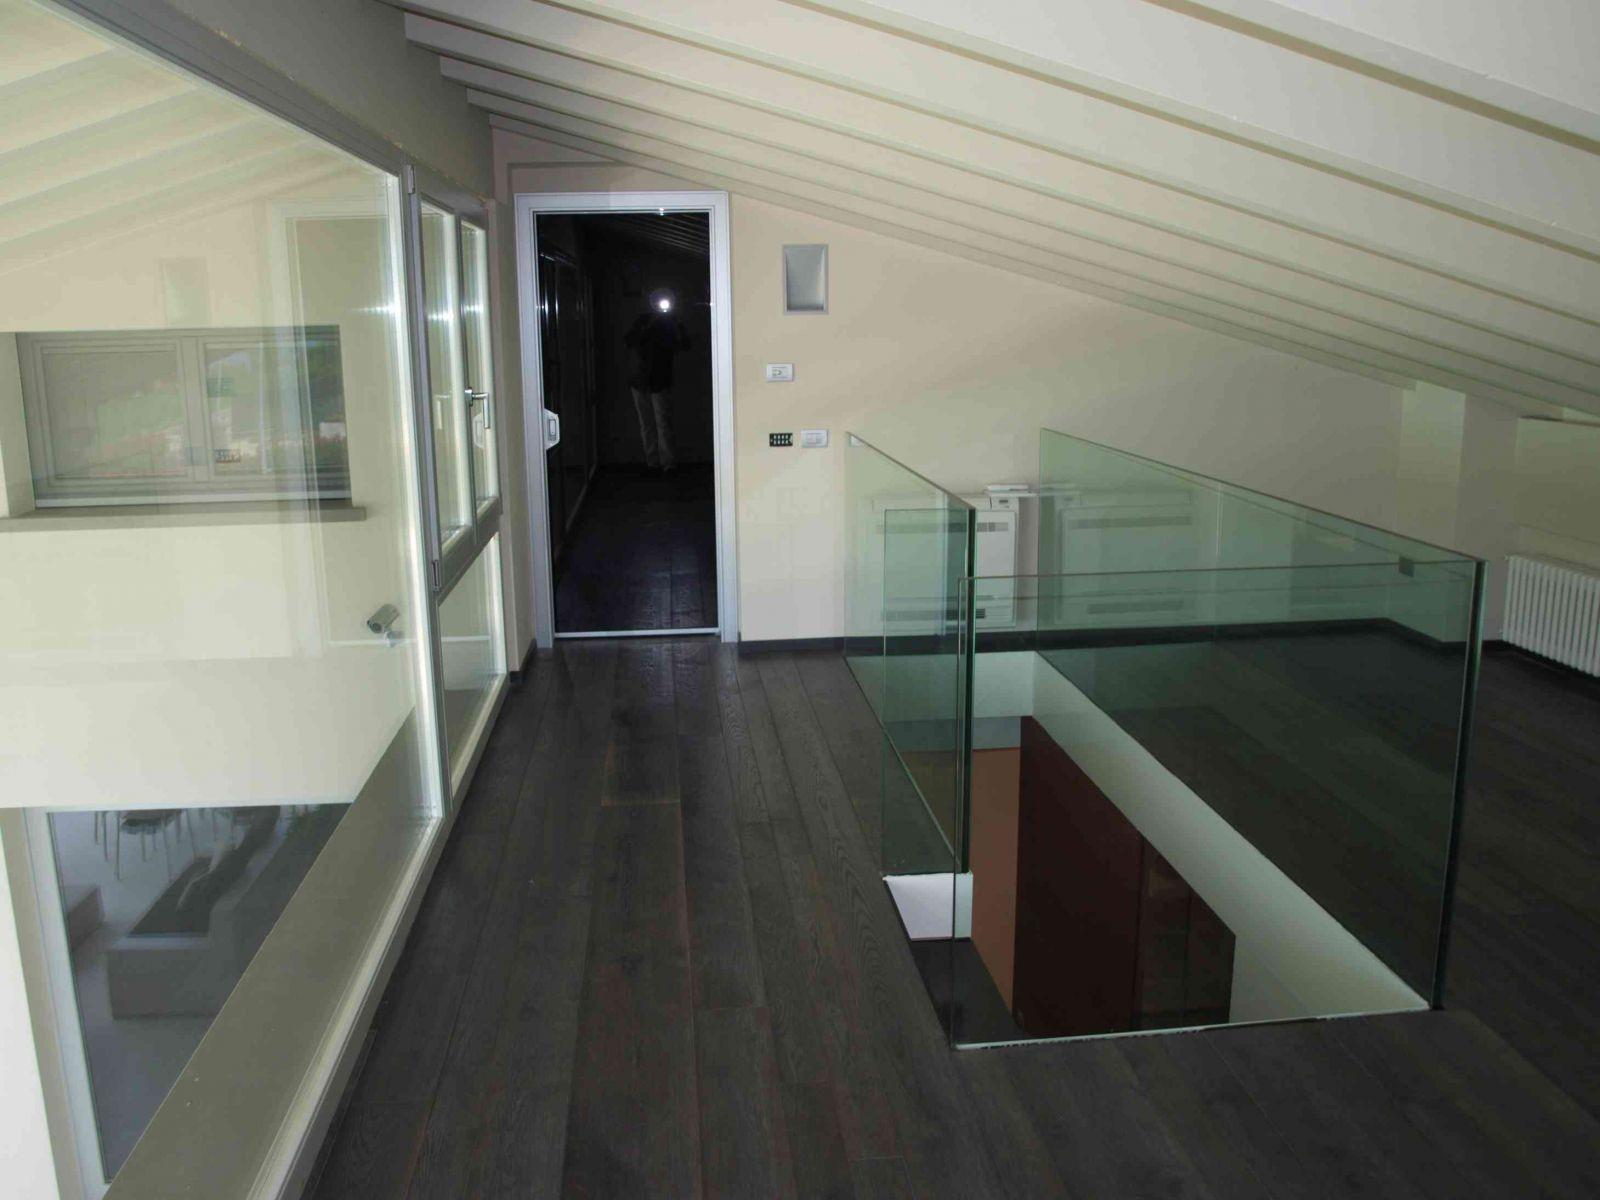 Interni - Flavio Angeli architetto  7f04384c164